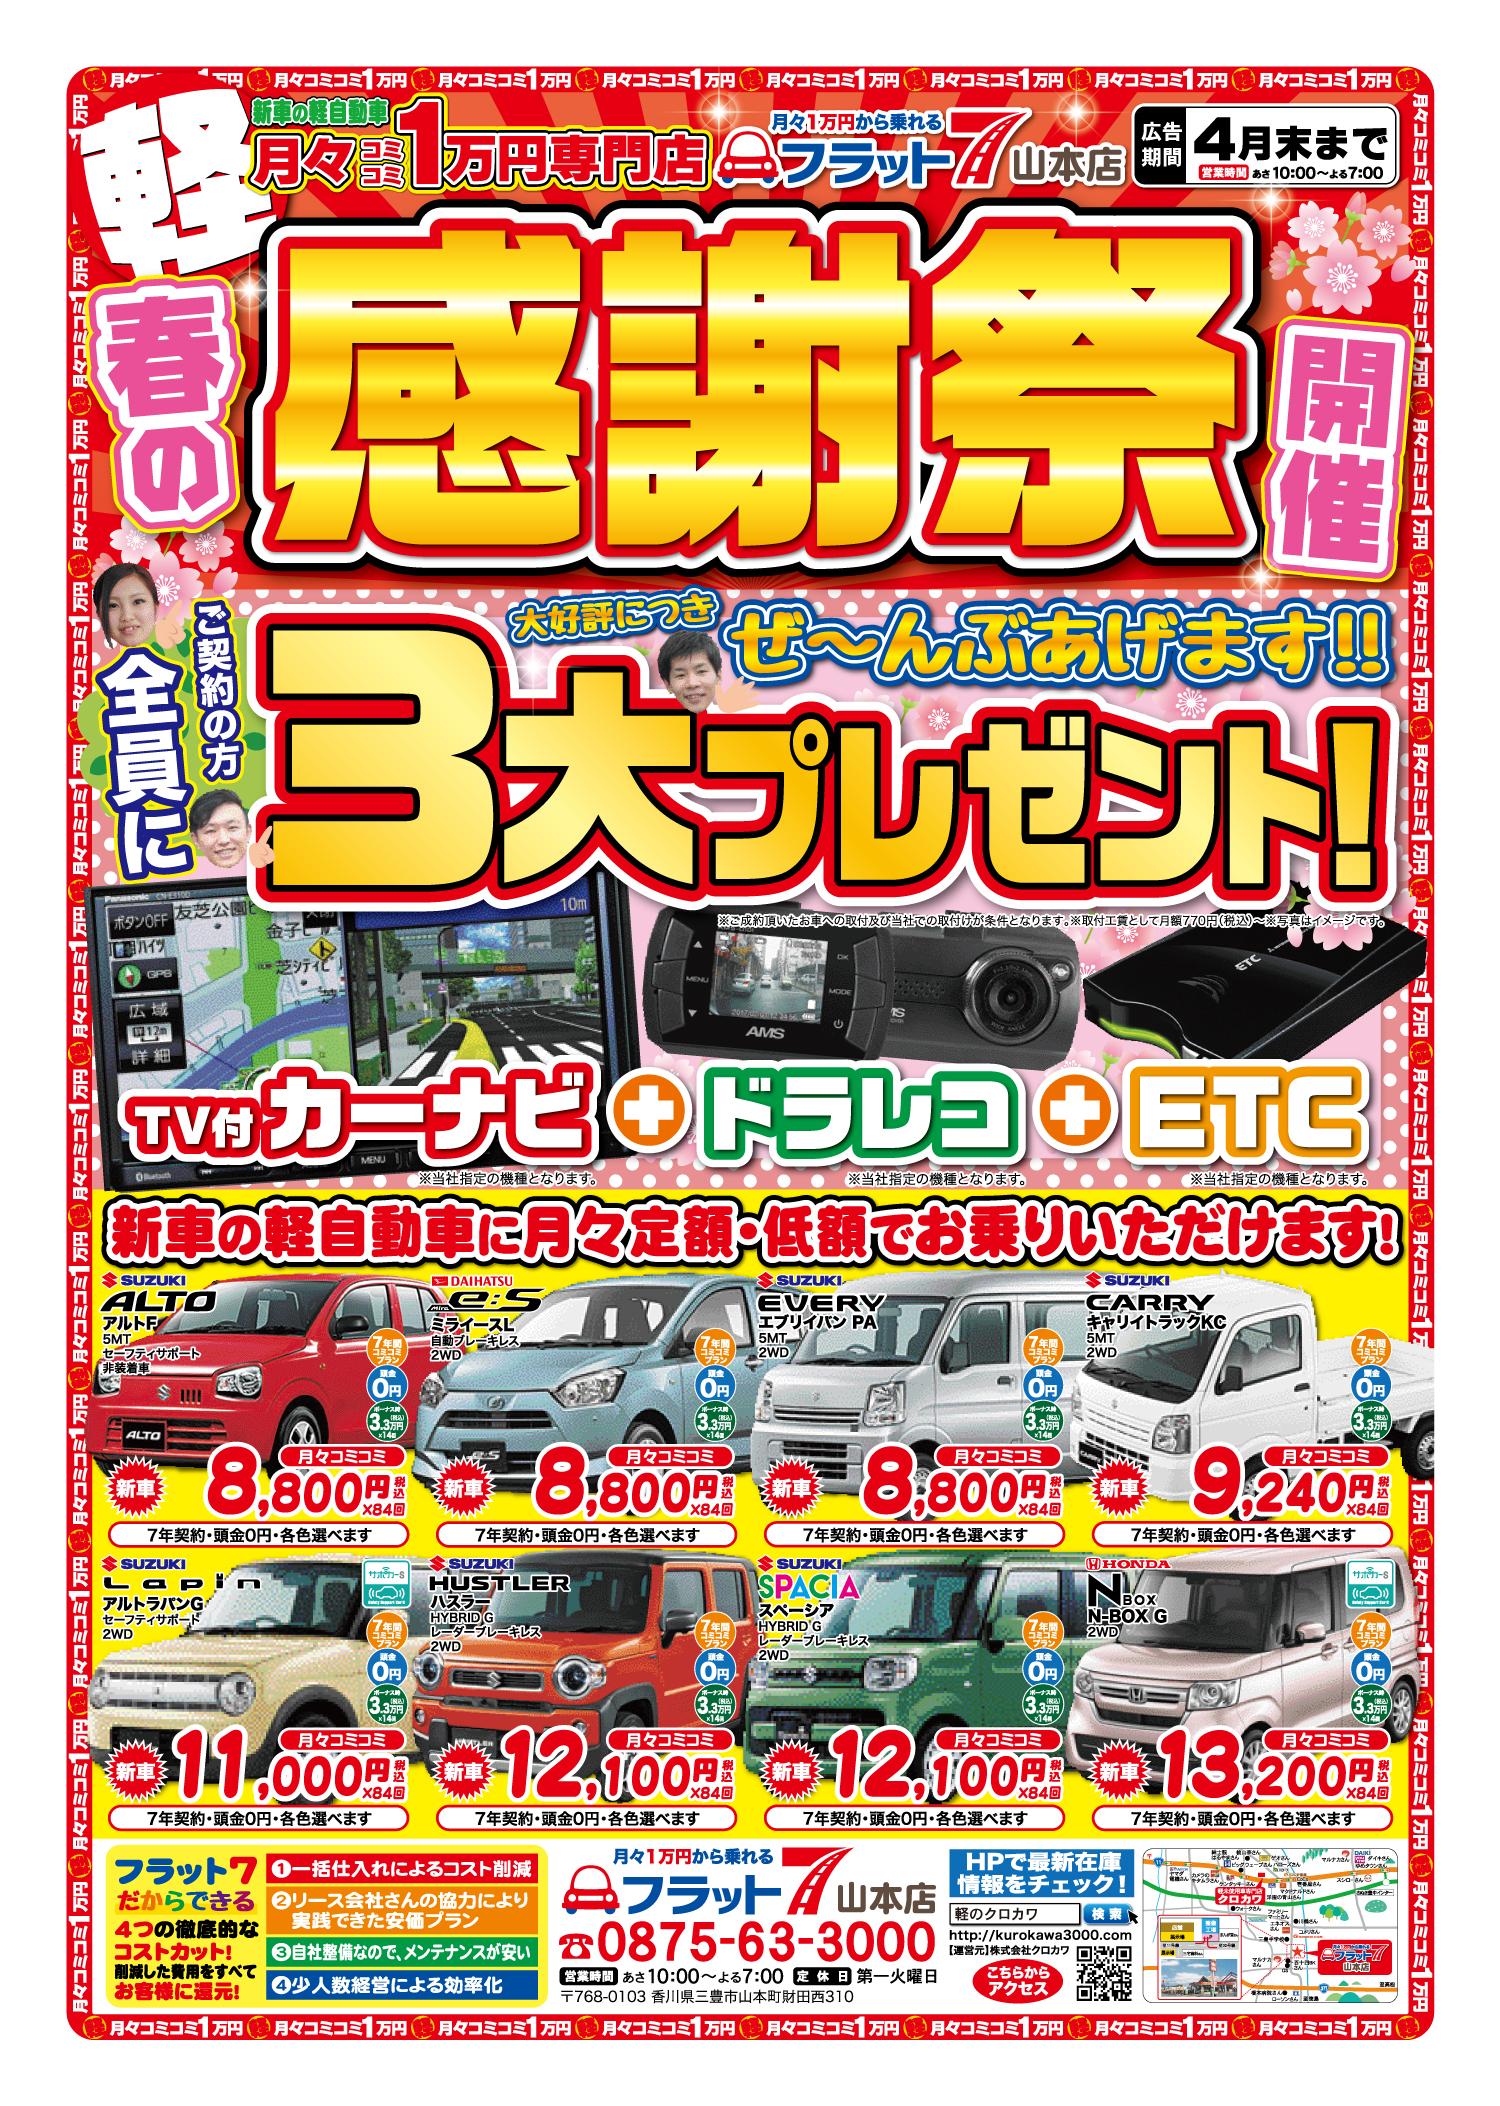 【感謝祭】3大プレゼント!